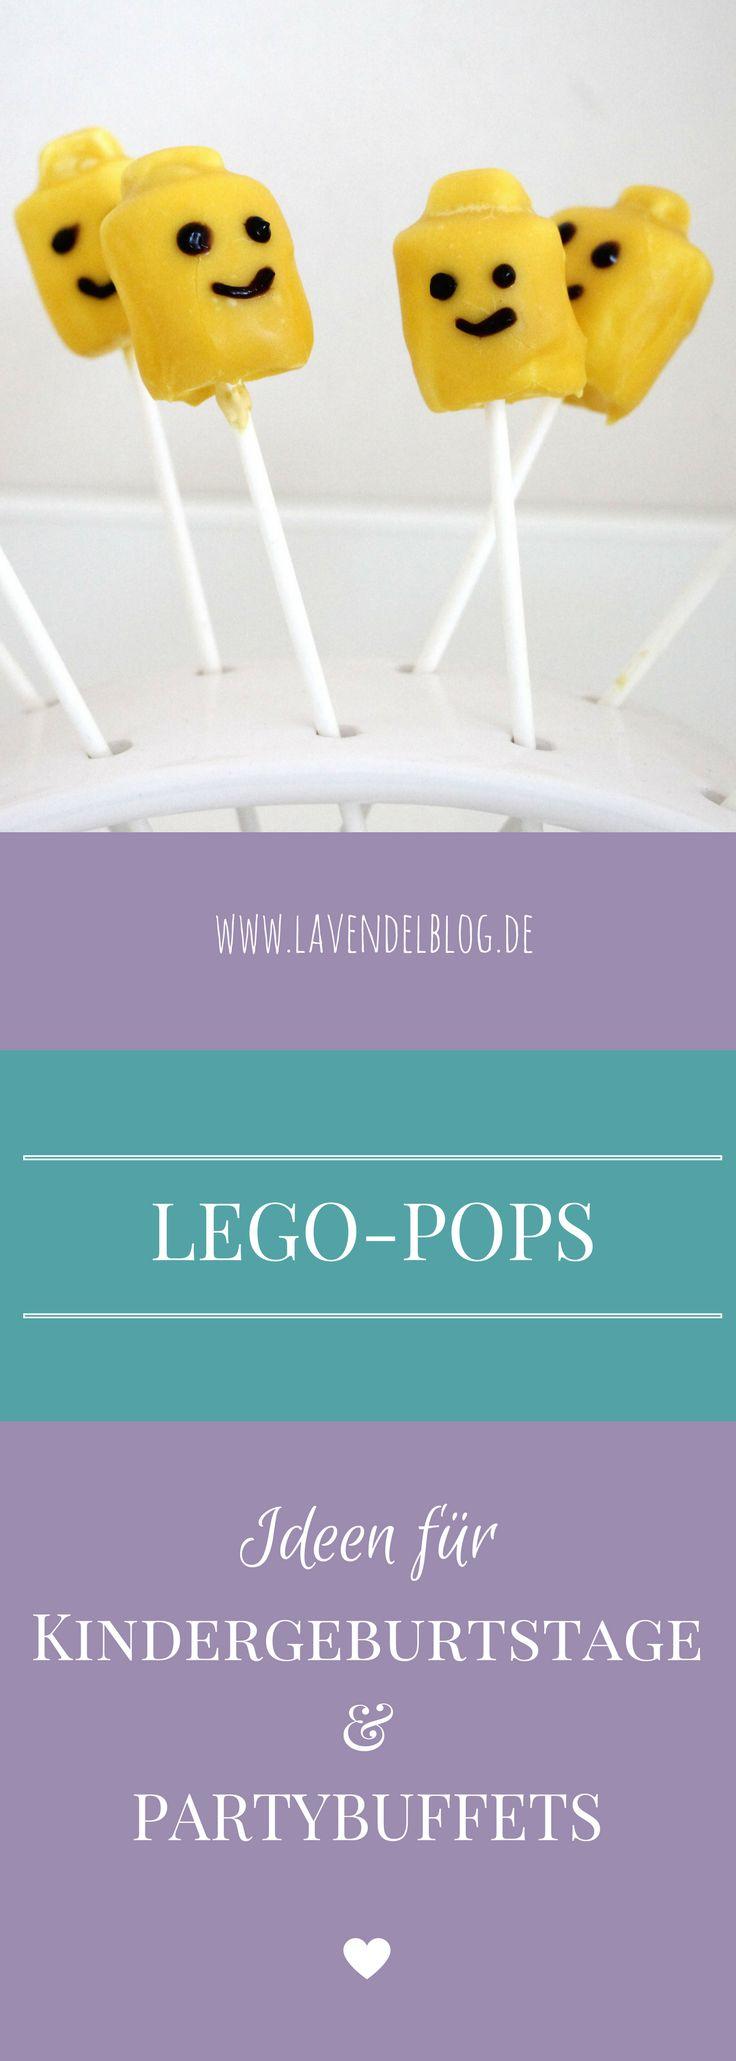 Passend für einen Lego Kindergeburtstag findet ihr bei uns ein Lego Marshmallow Pops Rezept. Die Lego Pops sind nicht nur eine geniale Kindergeburtstag Idee, sondern eignen sich auch als Partybuffet Idee. Ein Problem weniger beim Kindergeburtstag planen, oder?